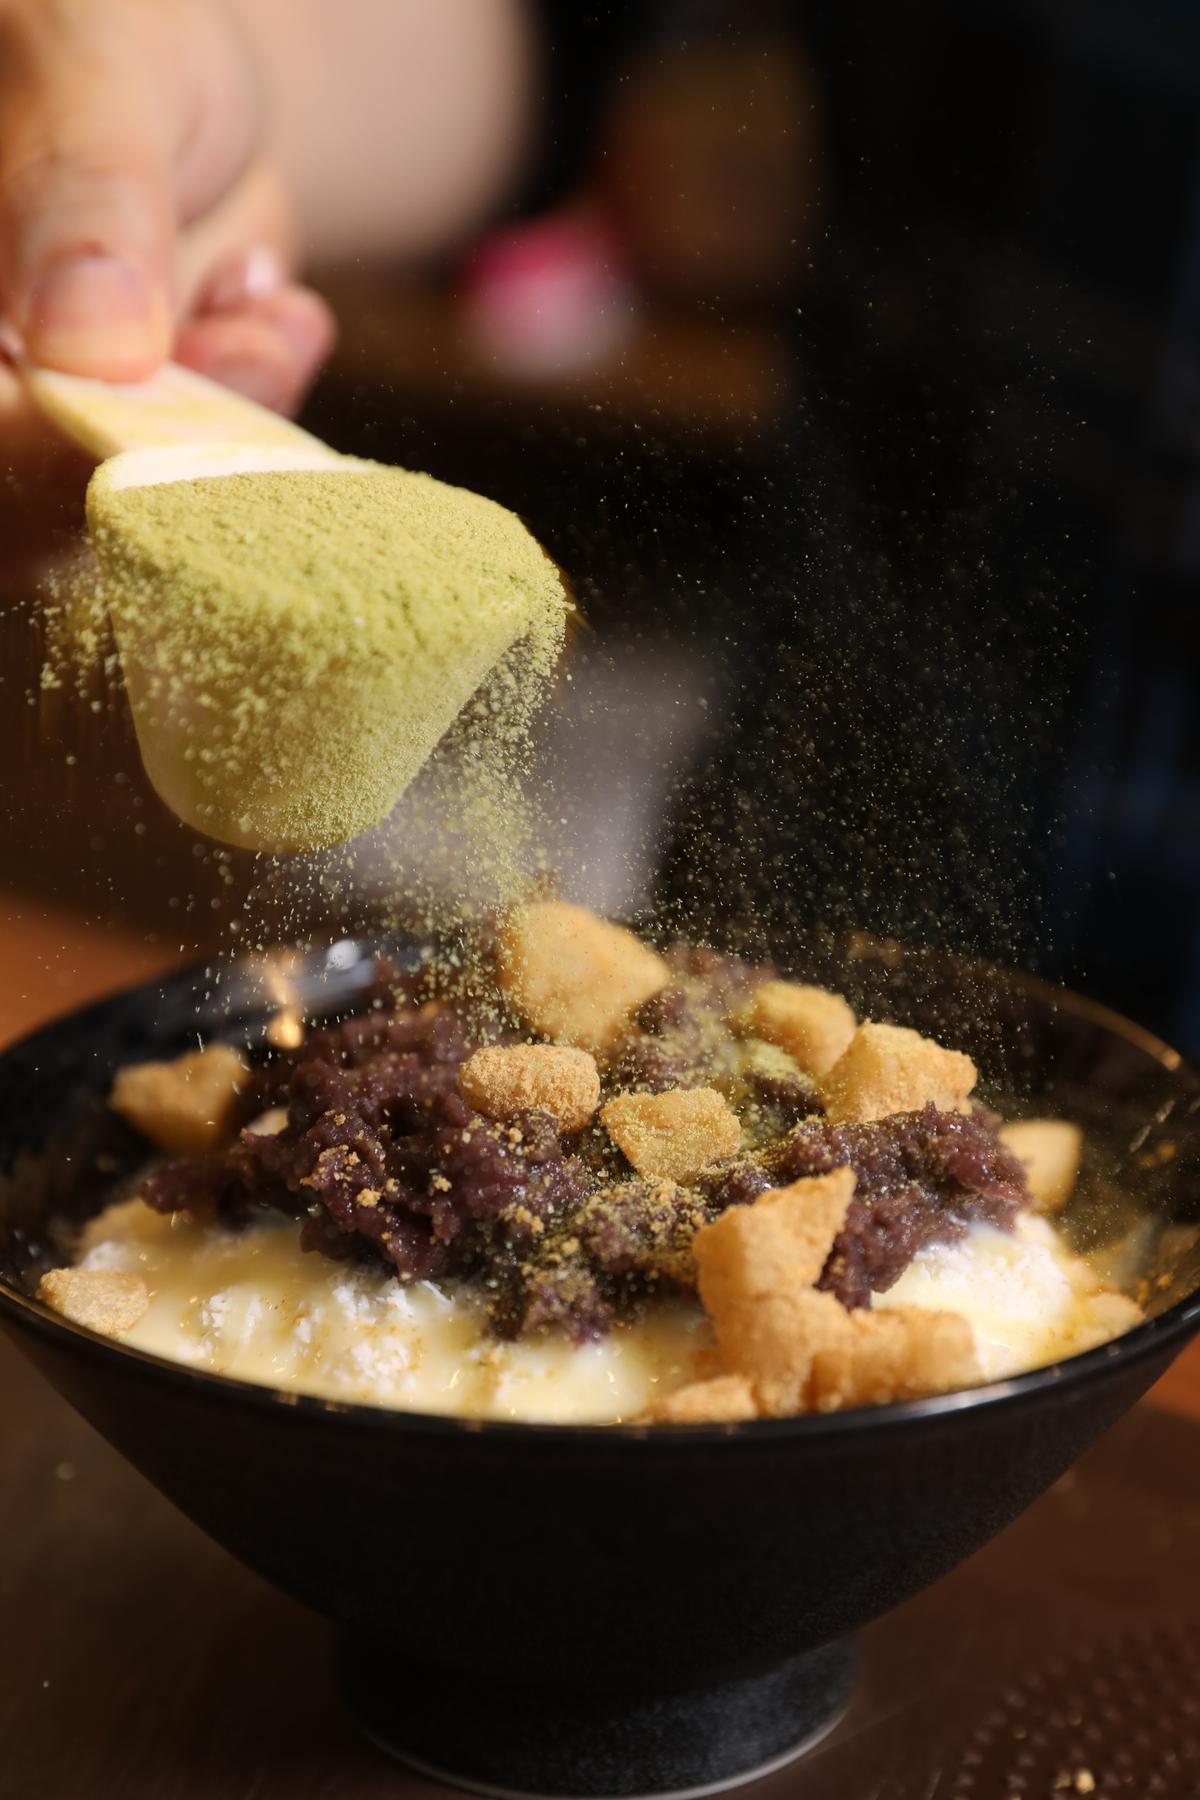 再撒上來自台灣和日本的抹茶粉,每一口都吃得到料。